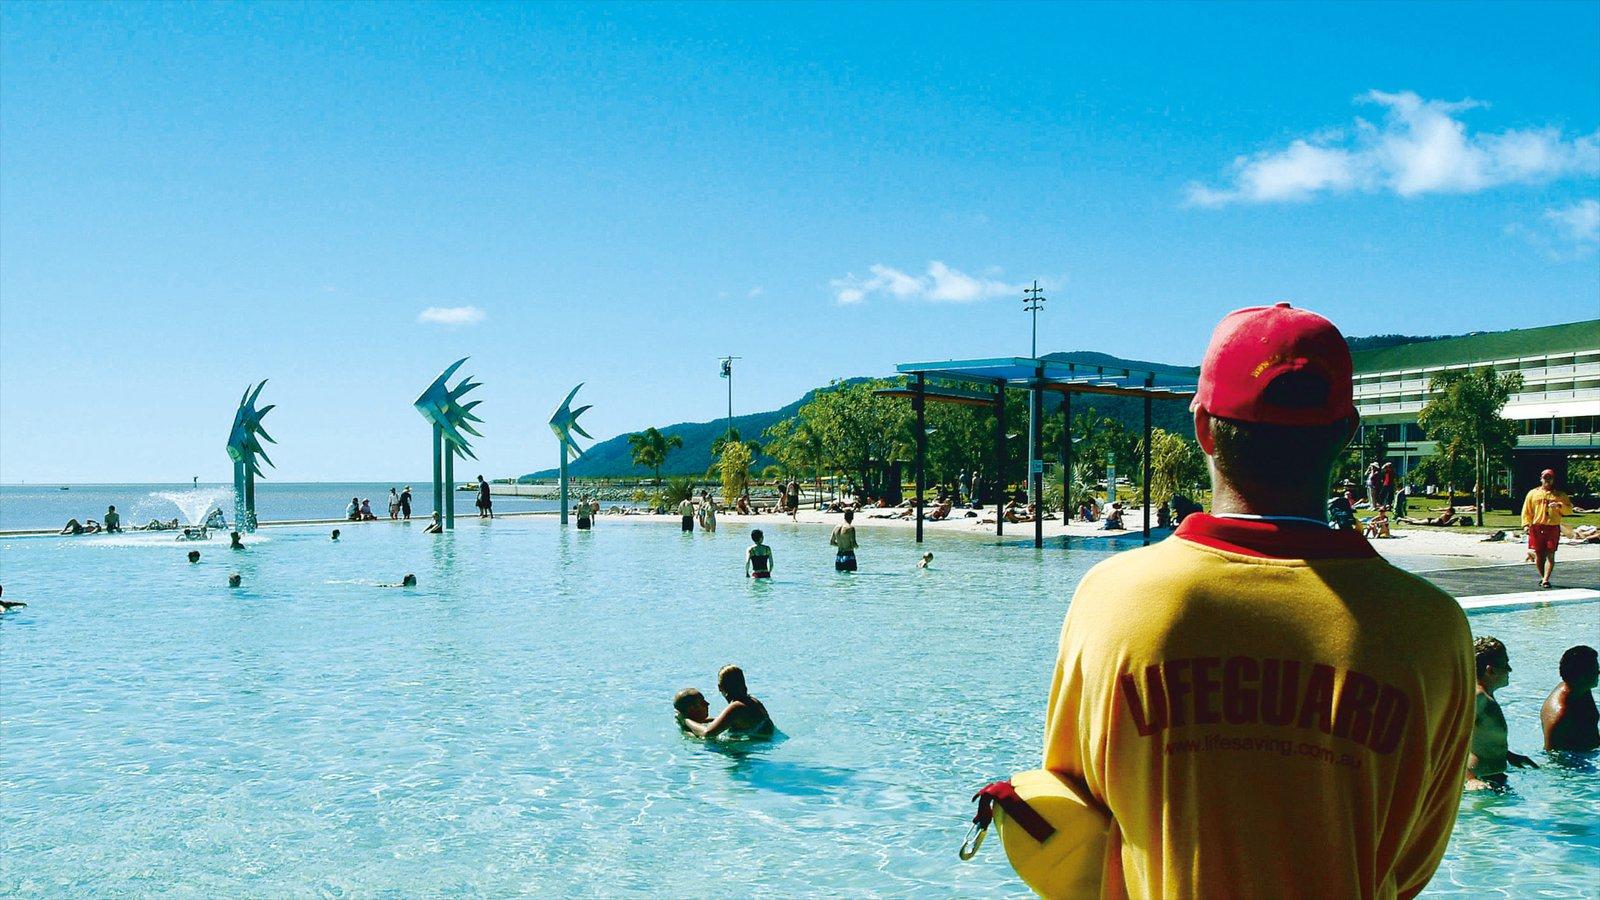 Cairns Esplanade que incluye una alberca y natación y también un hombre